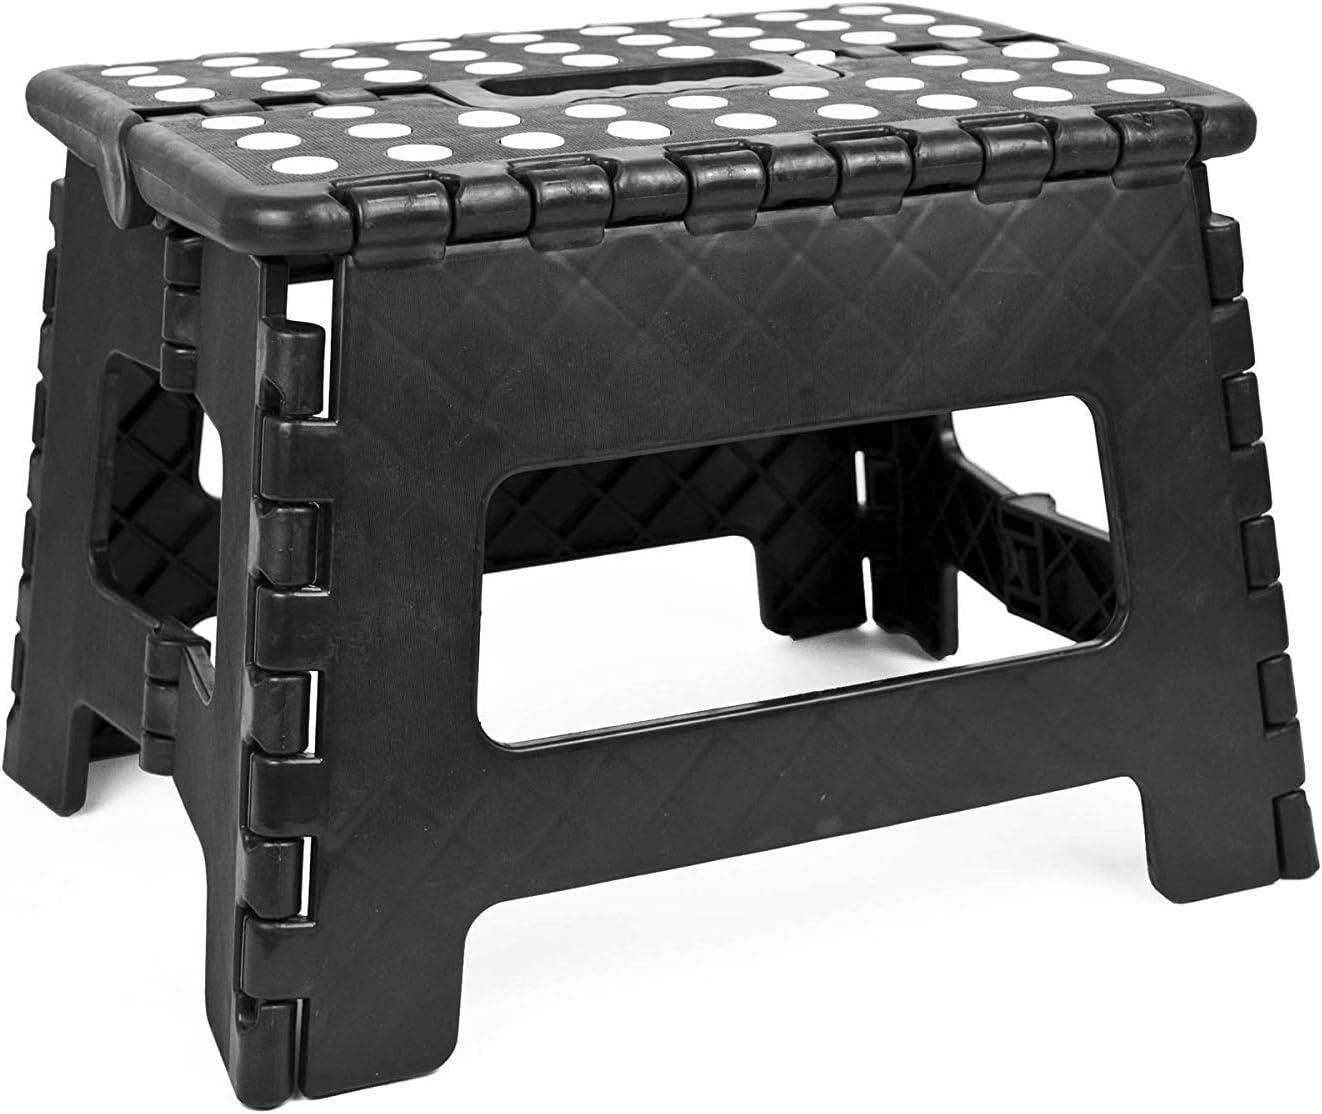 9 SMALL STOOL zusammenklappbar ADEPTNA Klapp-Hocker aus Kunststoff sehr robust kompakt und leicht rutschfest mit Griffen f/ür Kinder und Erwachsene